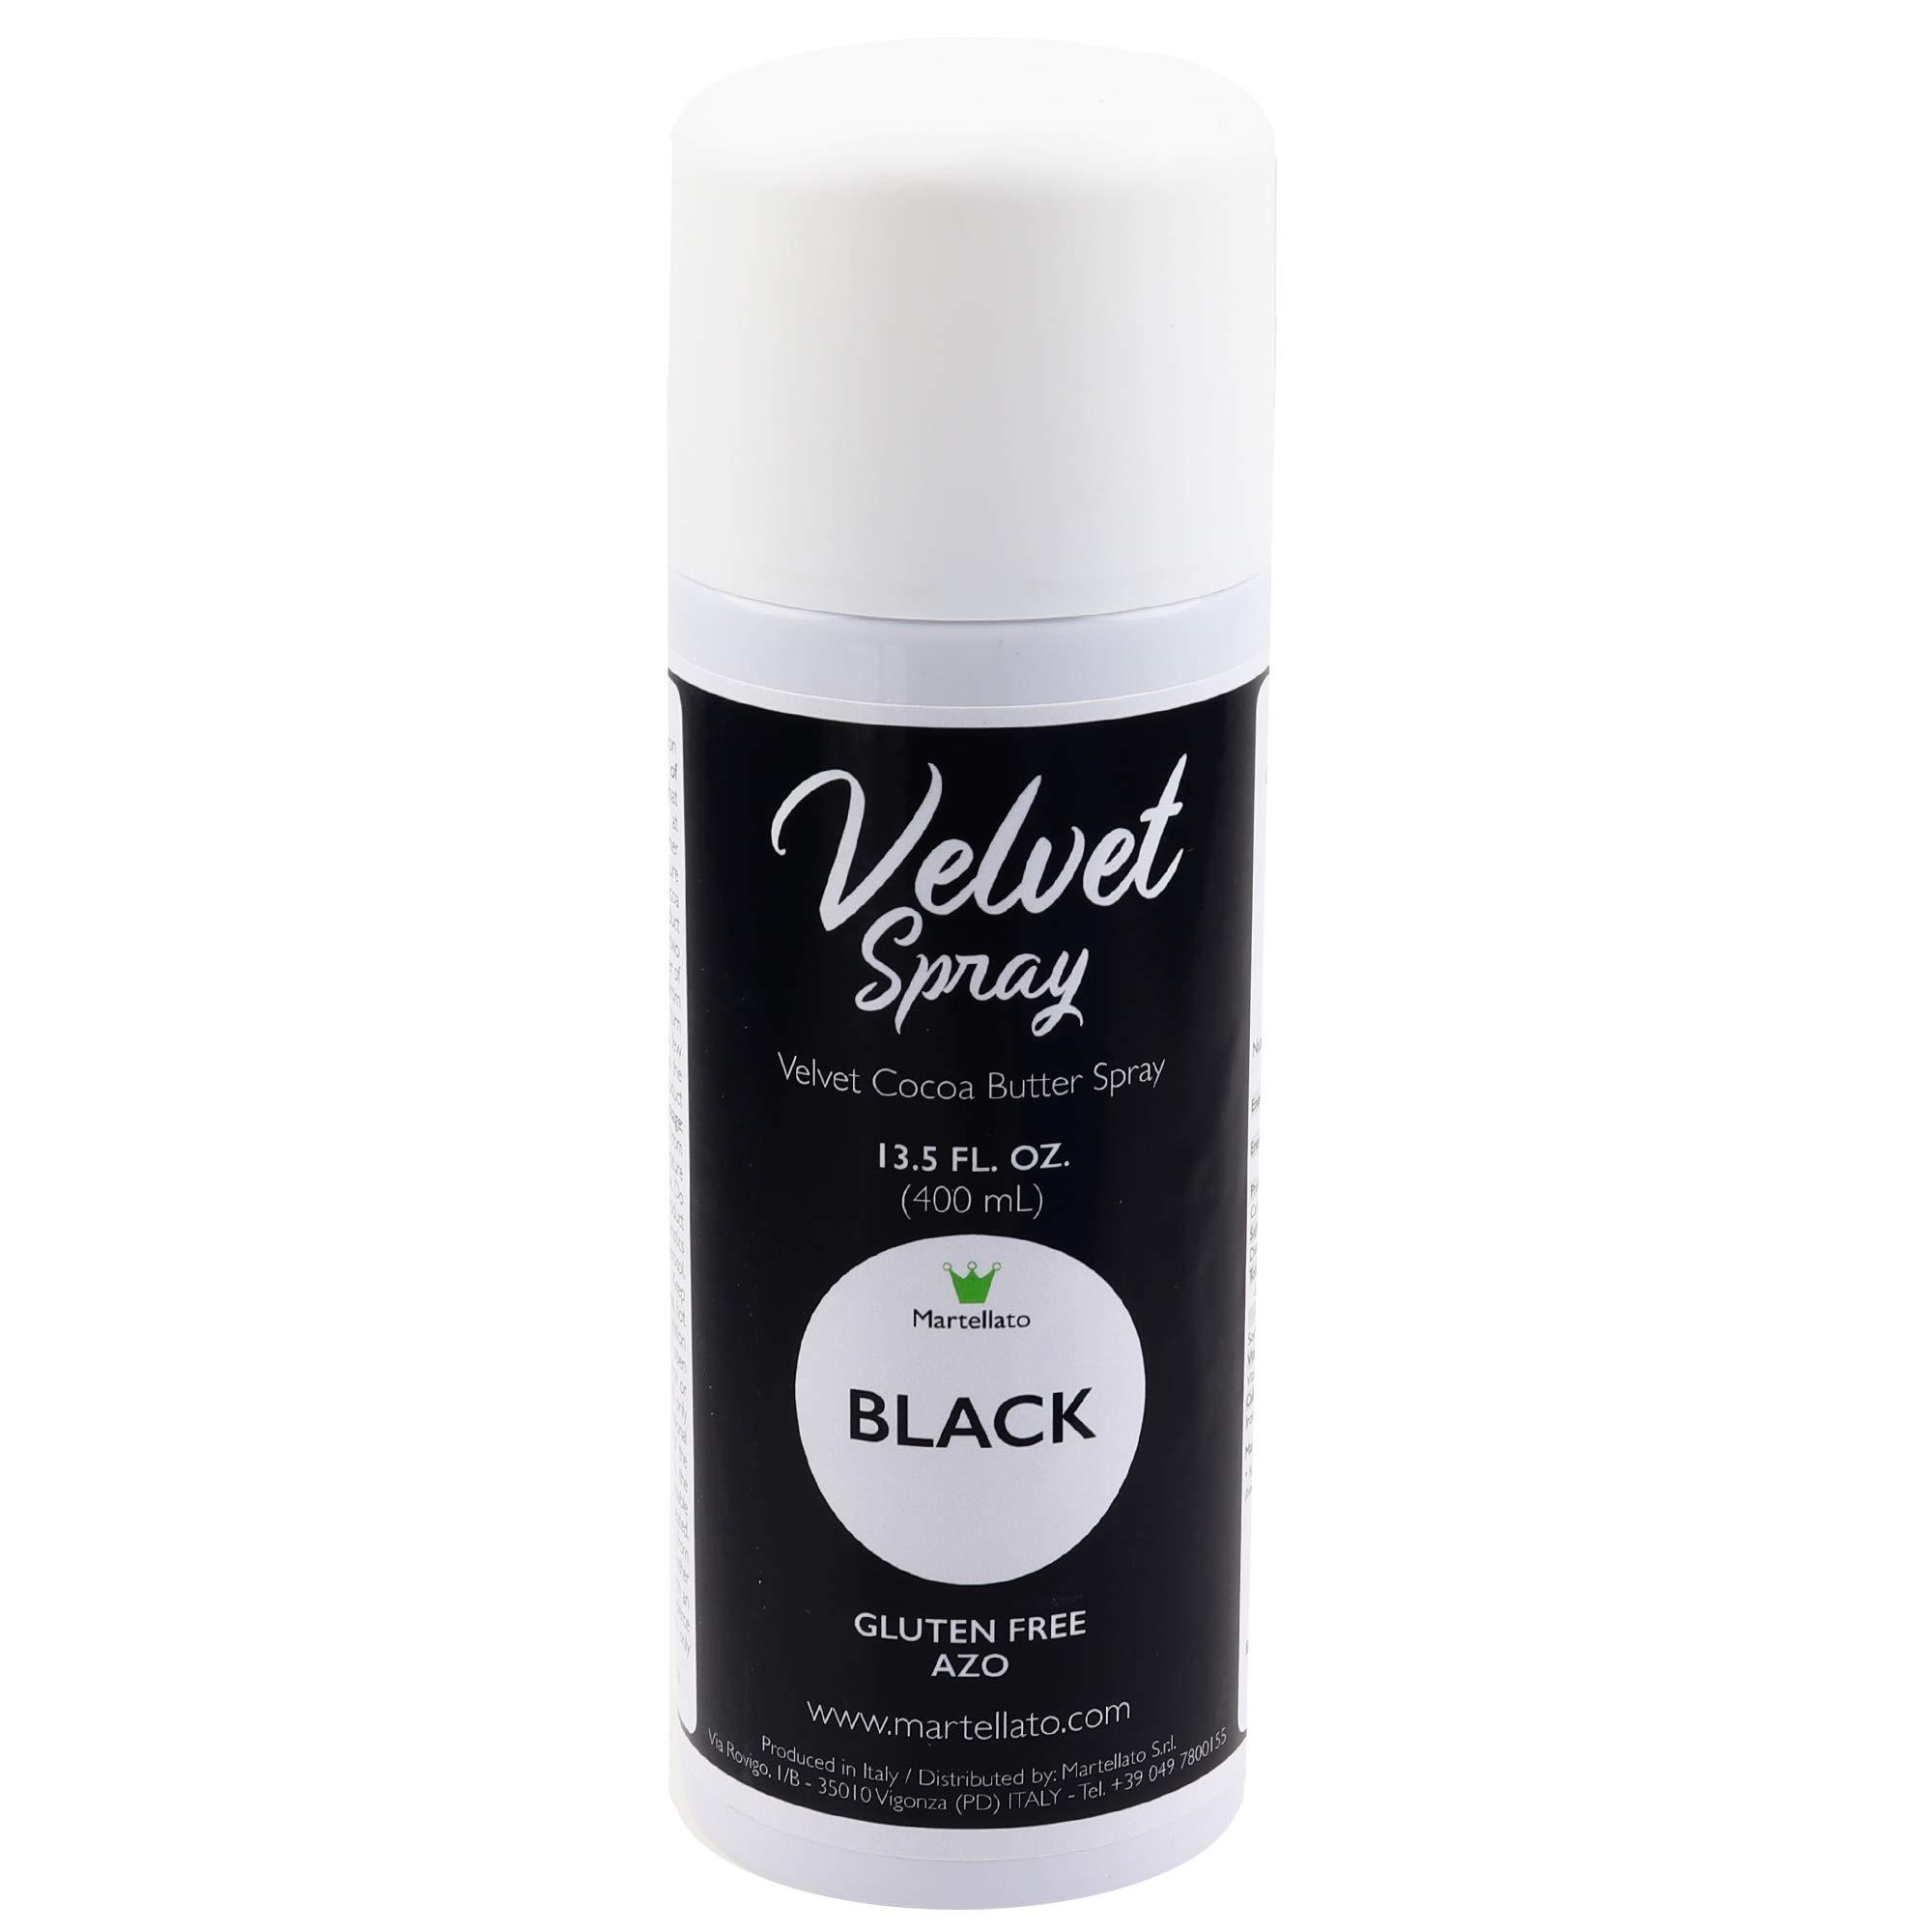 Martellato Black Velvet Spray 13.5 Ounce (400ml) by Martellato (Image #1)